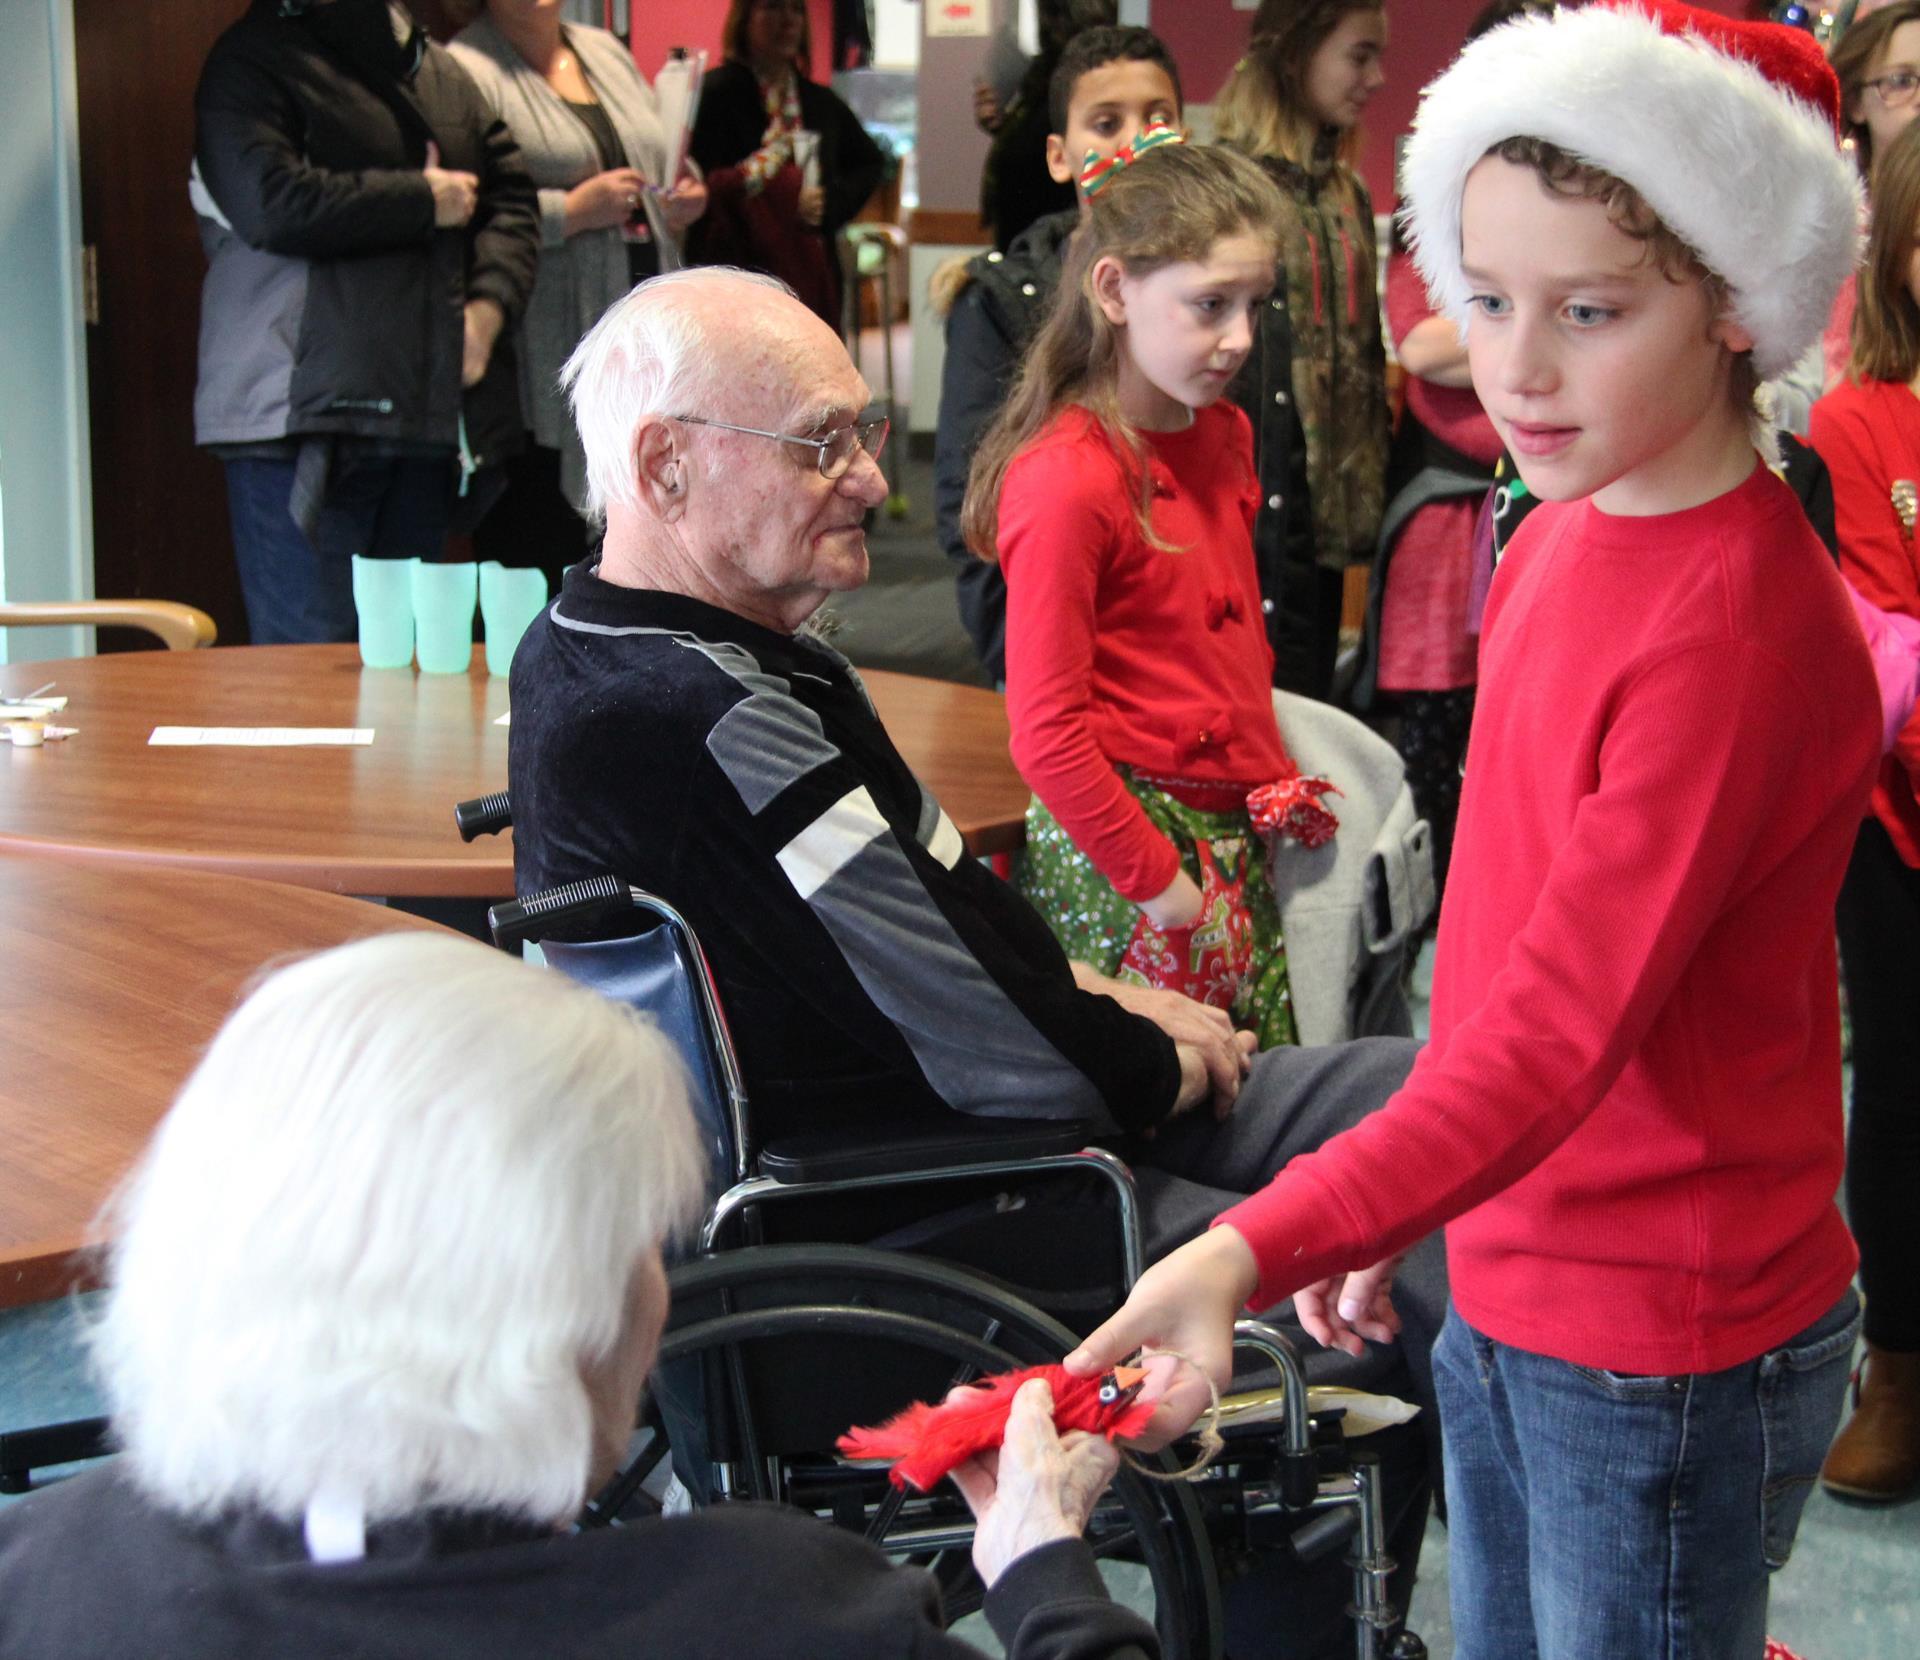 student handing resident ornament